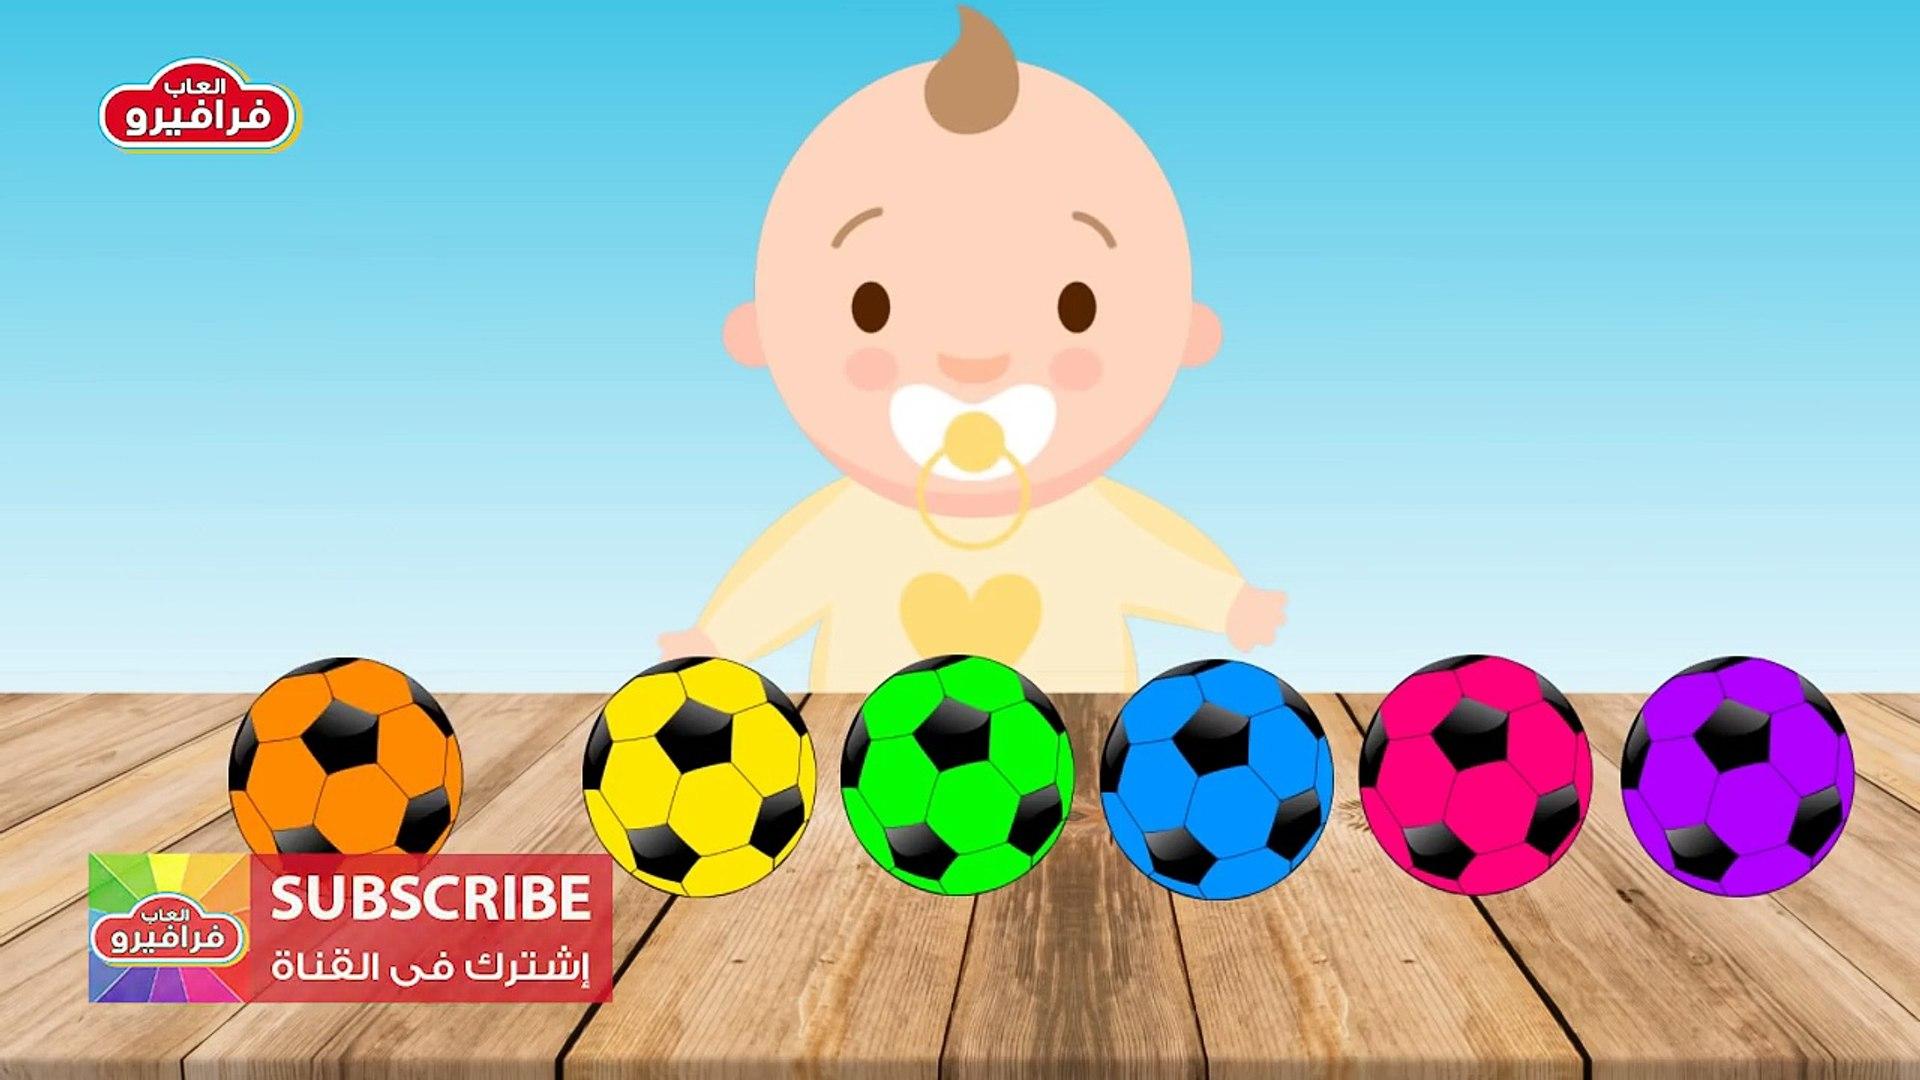 تعليم الاطفال الالوان باللغتين العربية والانجليزية تعلم اغنية